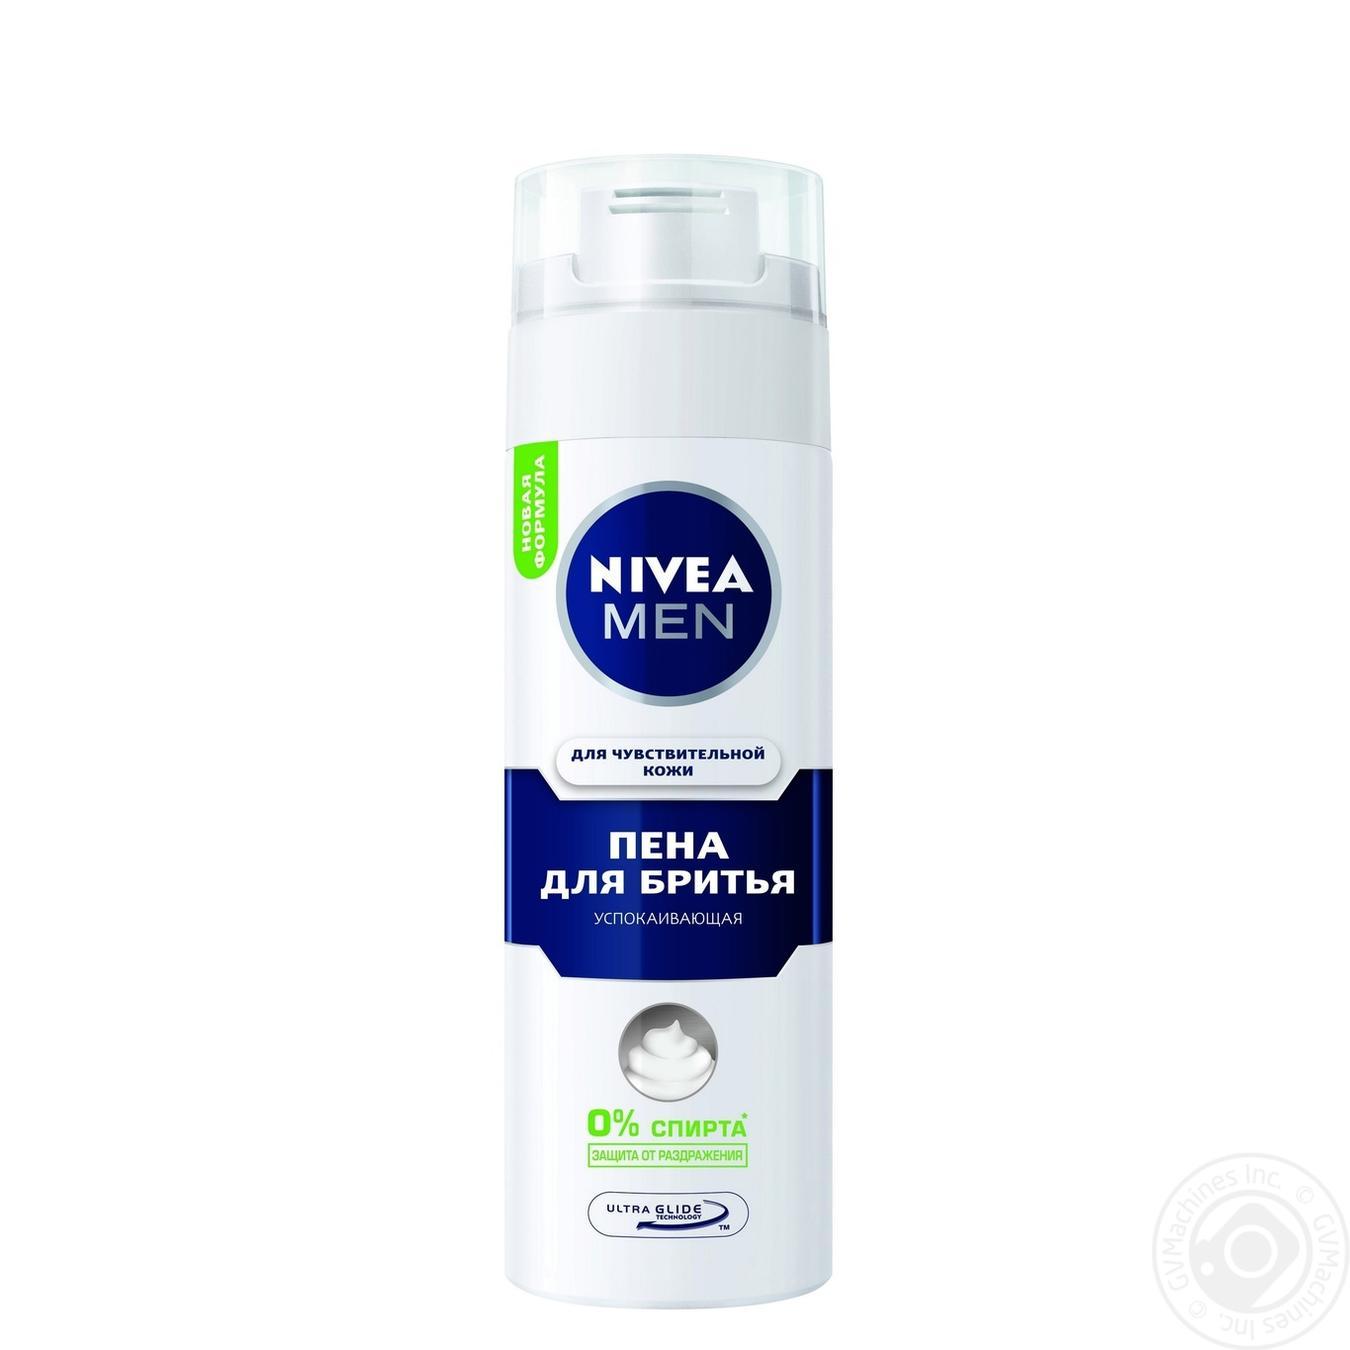 Гель Nivea для чувствительной кожи для бритья 200мл